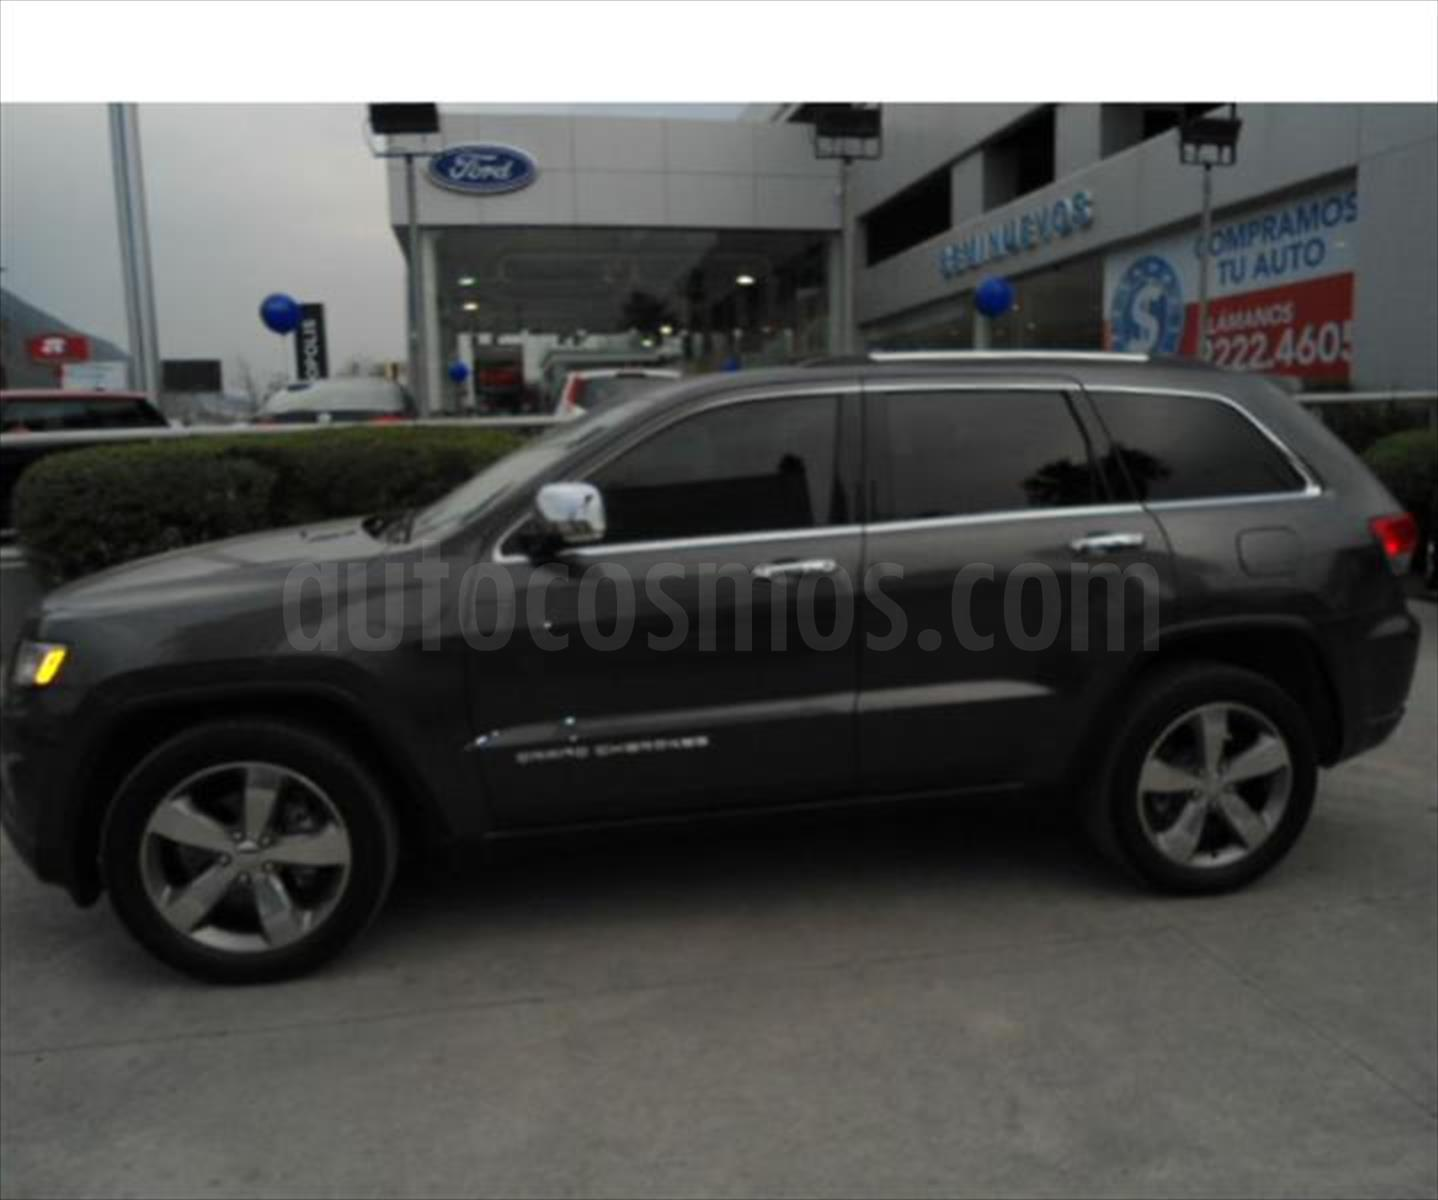 Jeep Grand Cherokee Limited 2014: Venta Auto Usado Jeep Grand Cherokee Limited Lujo (2014